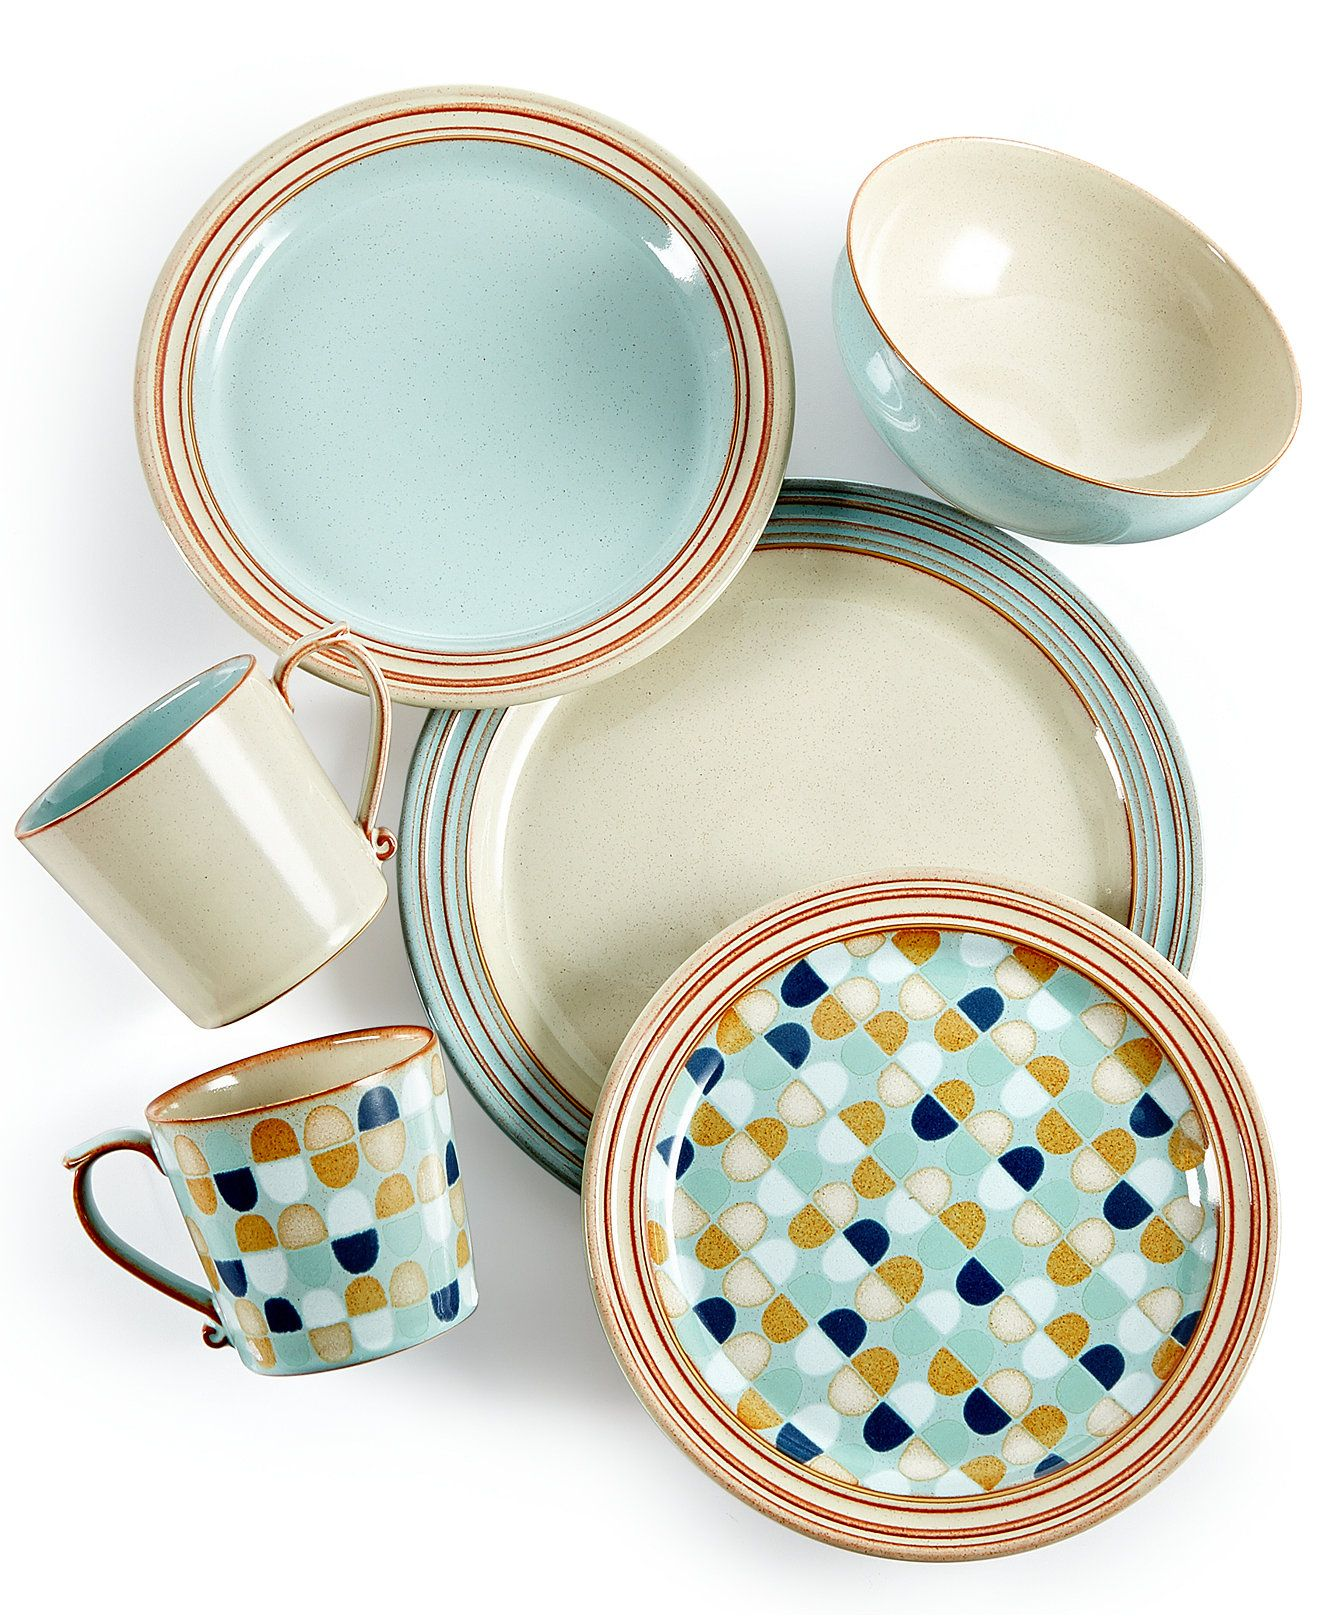 Resultado de imagen para denby monsoon dinnerware  sc 1 st  Pinterest & Resultado de imagen para denby monsoon dinnerware | Diseño work ...